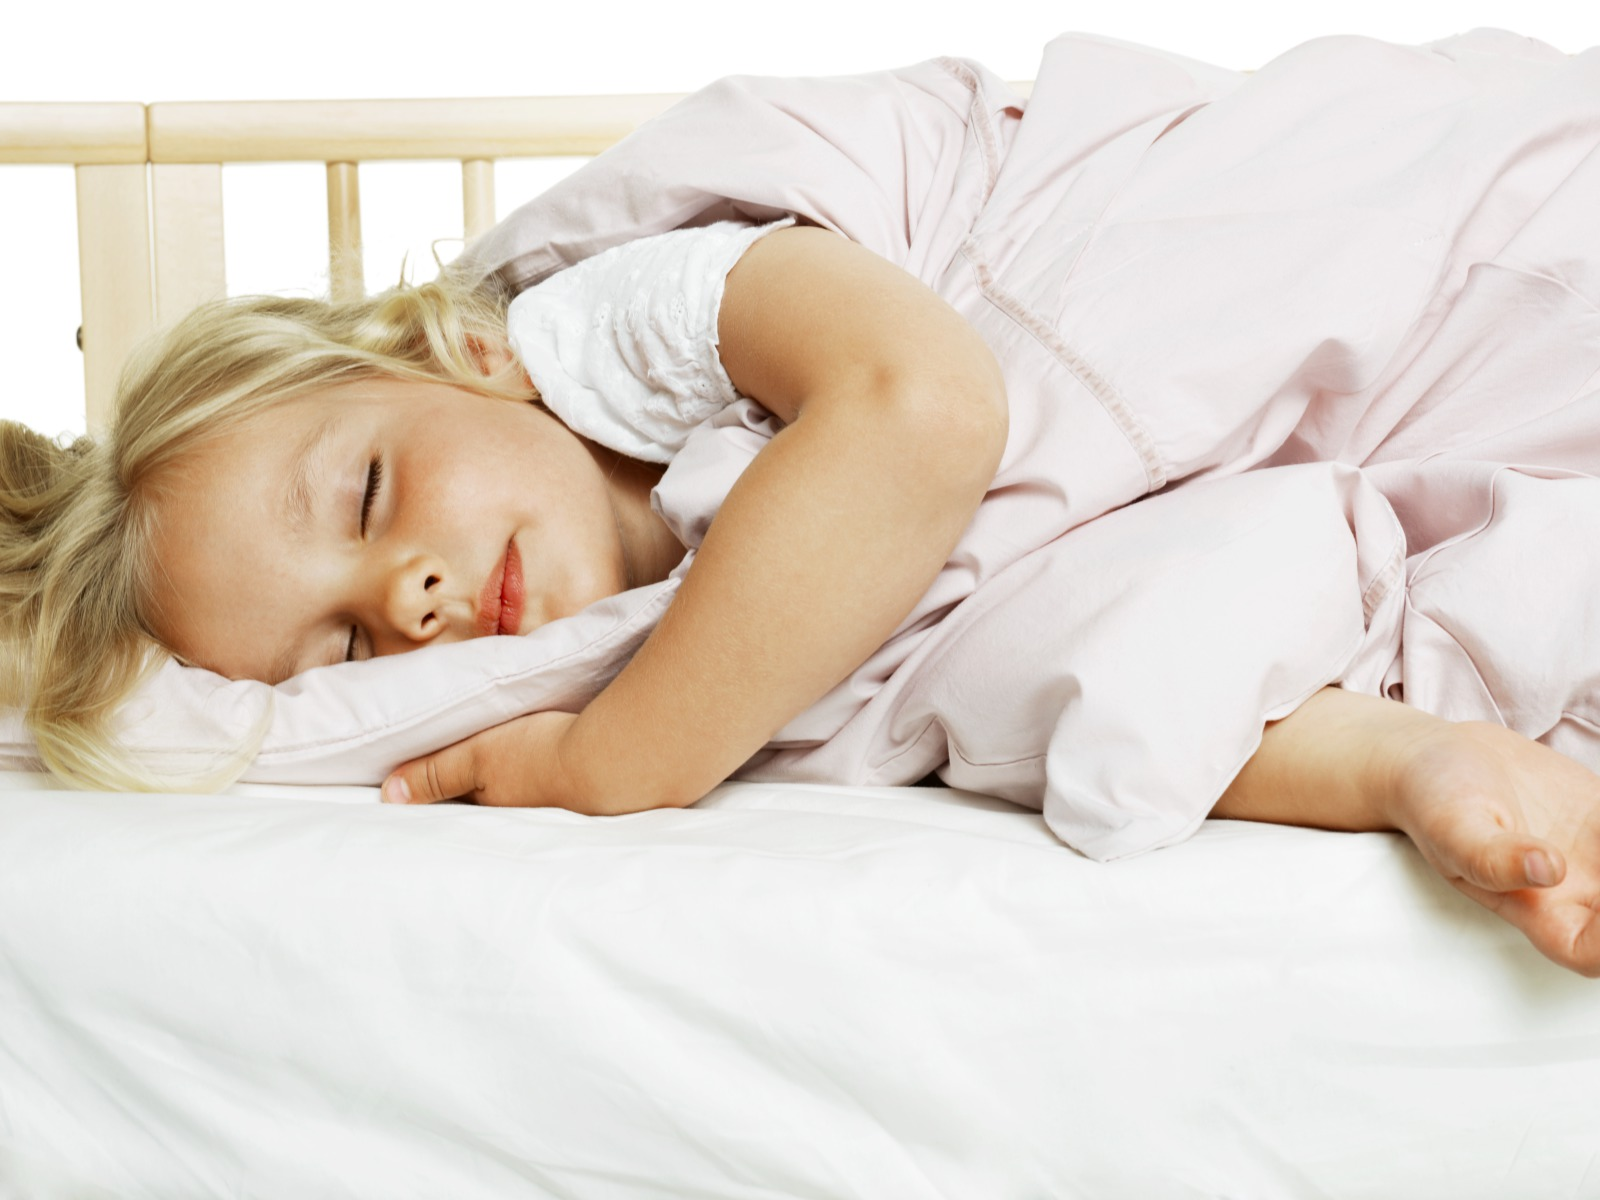 Juniorbed Tot Welke Leeftijd.Stokke Sleepi Bed Natural